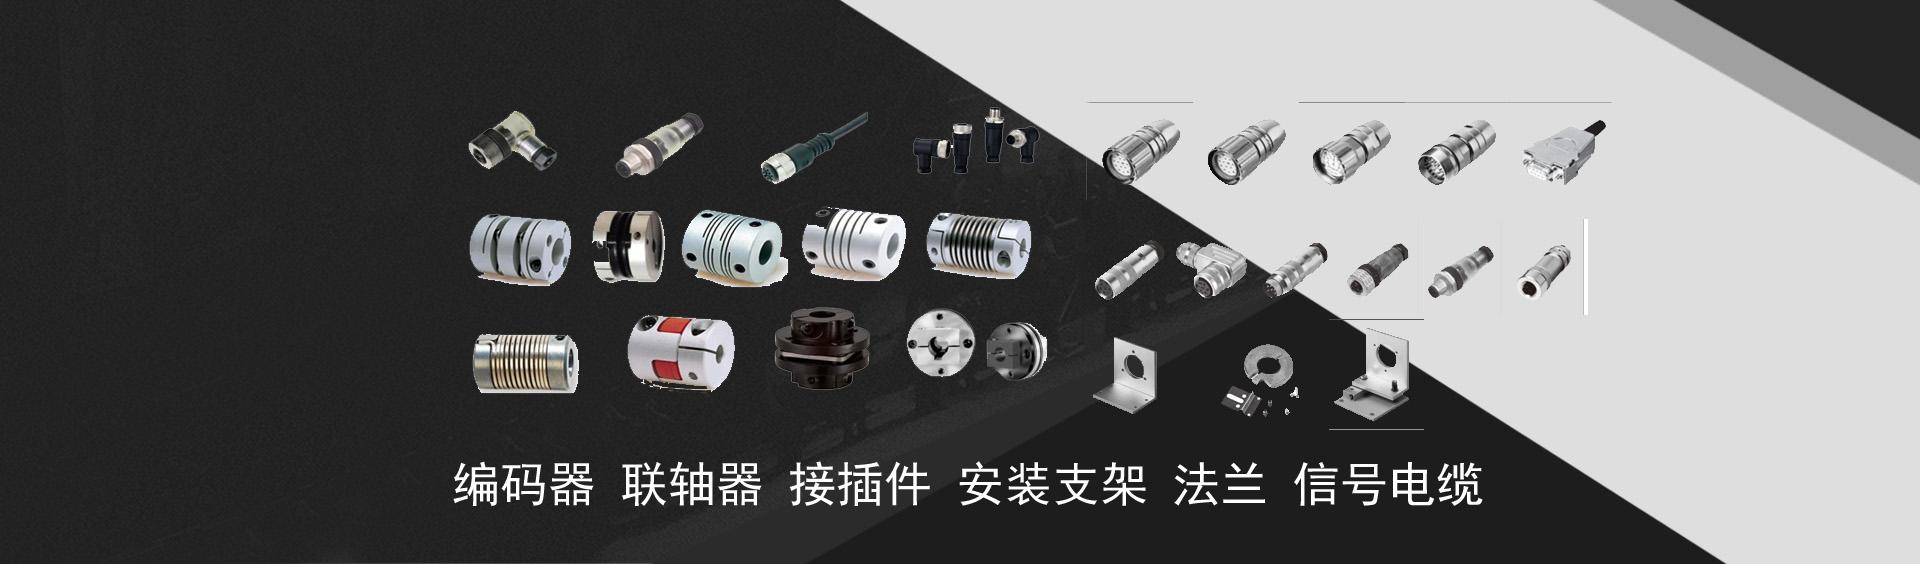 编码器联轴器支架 电缆